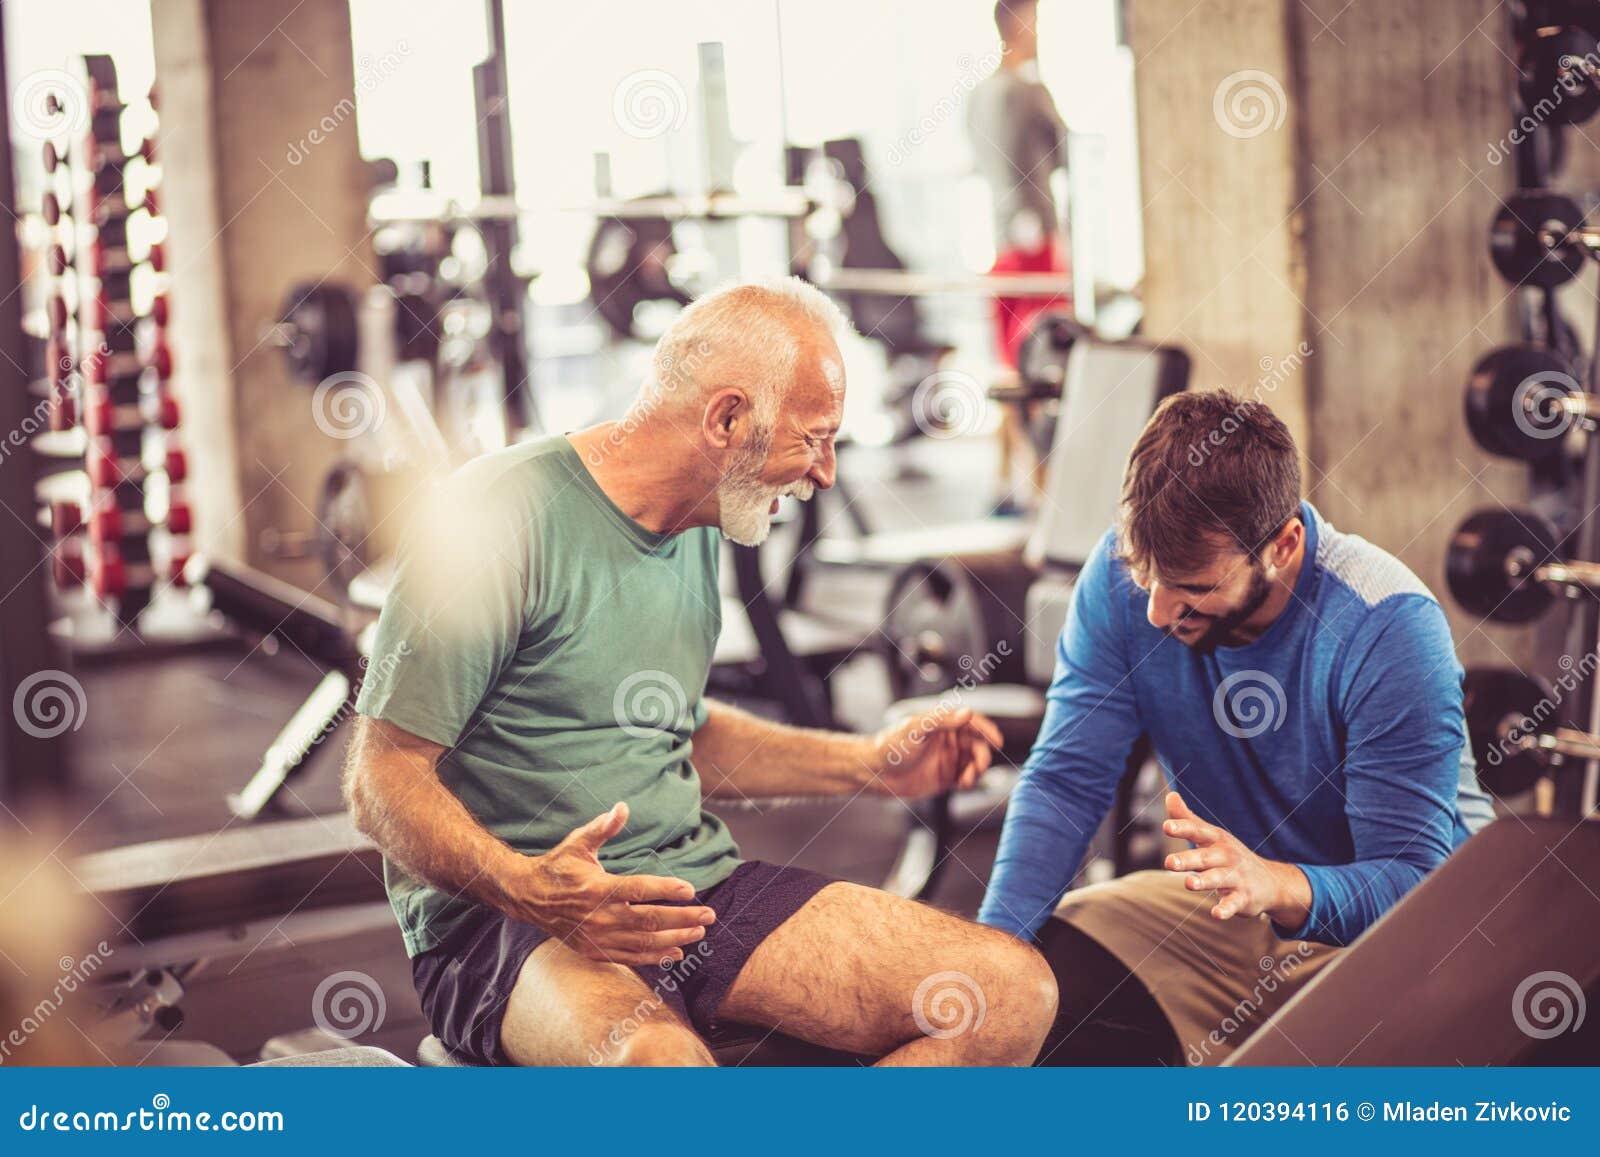 Älterer Mann mit Trainer